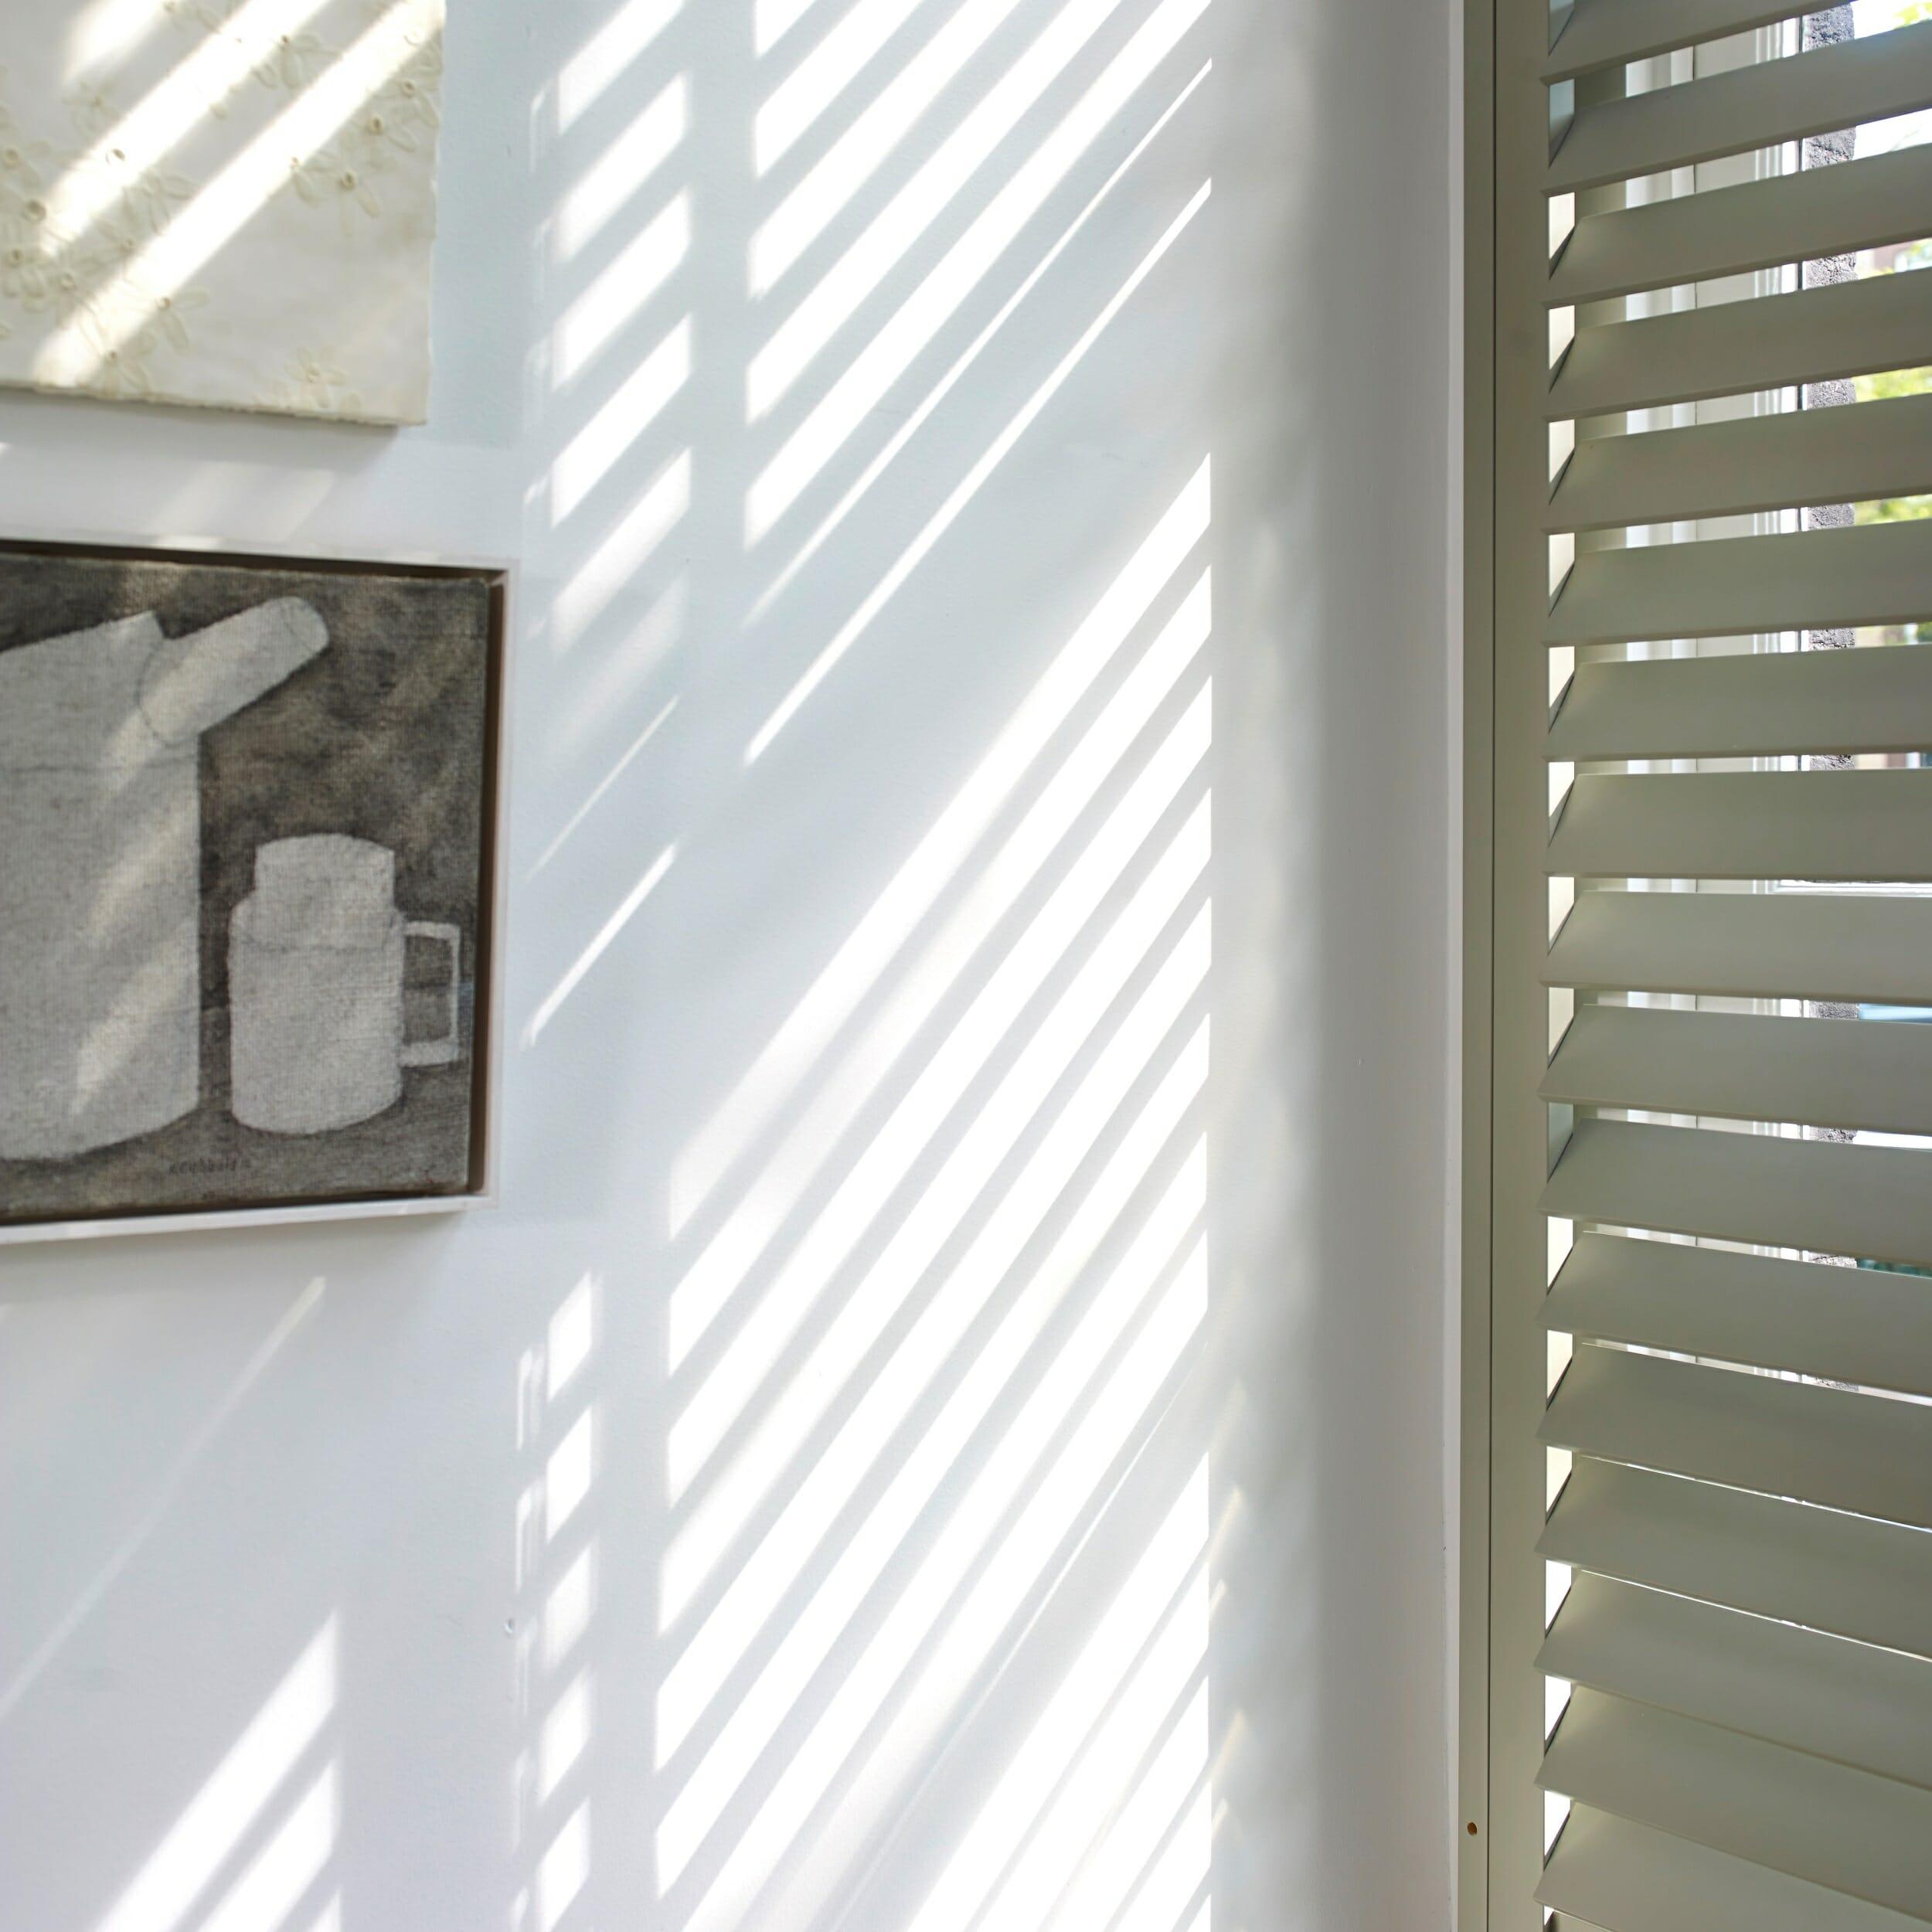 Kun Je Vouwgordijnen Wassen.Tips Voor Het Onderhouden Van Je Raamdecoratie Zonnelux